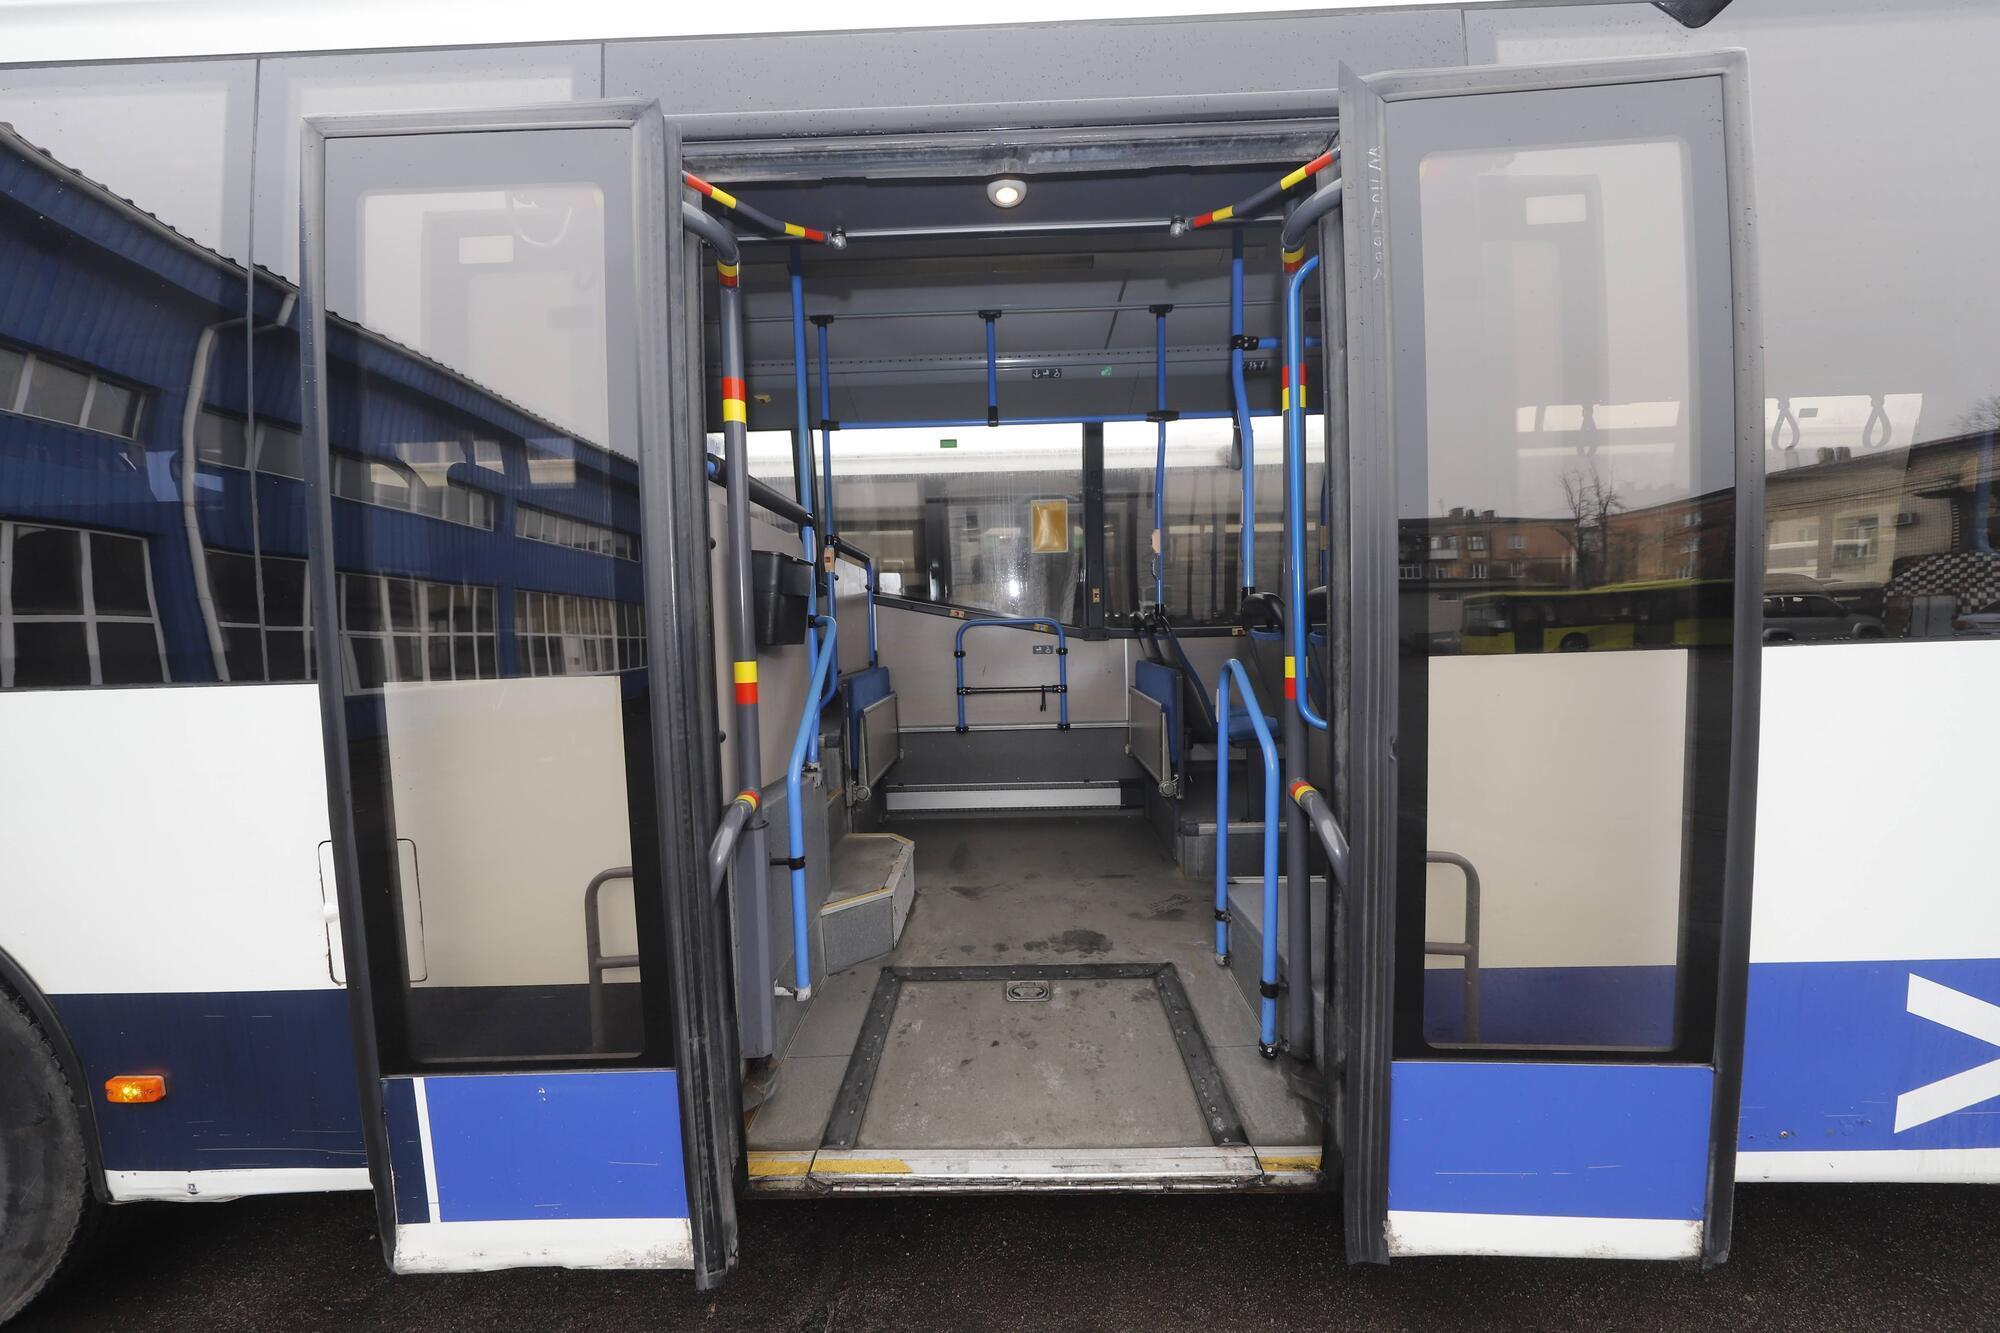 В автобусах предусмотрена перевозка людей с инвалидностью, пожилых людей и мам с детскими колясками